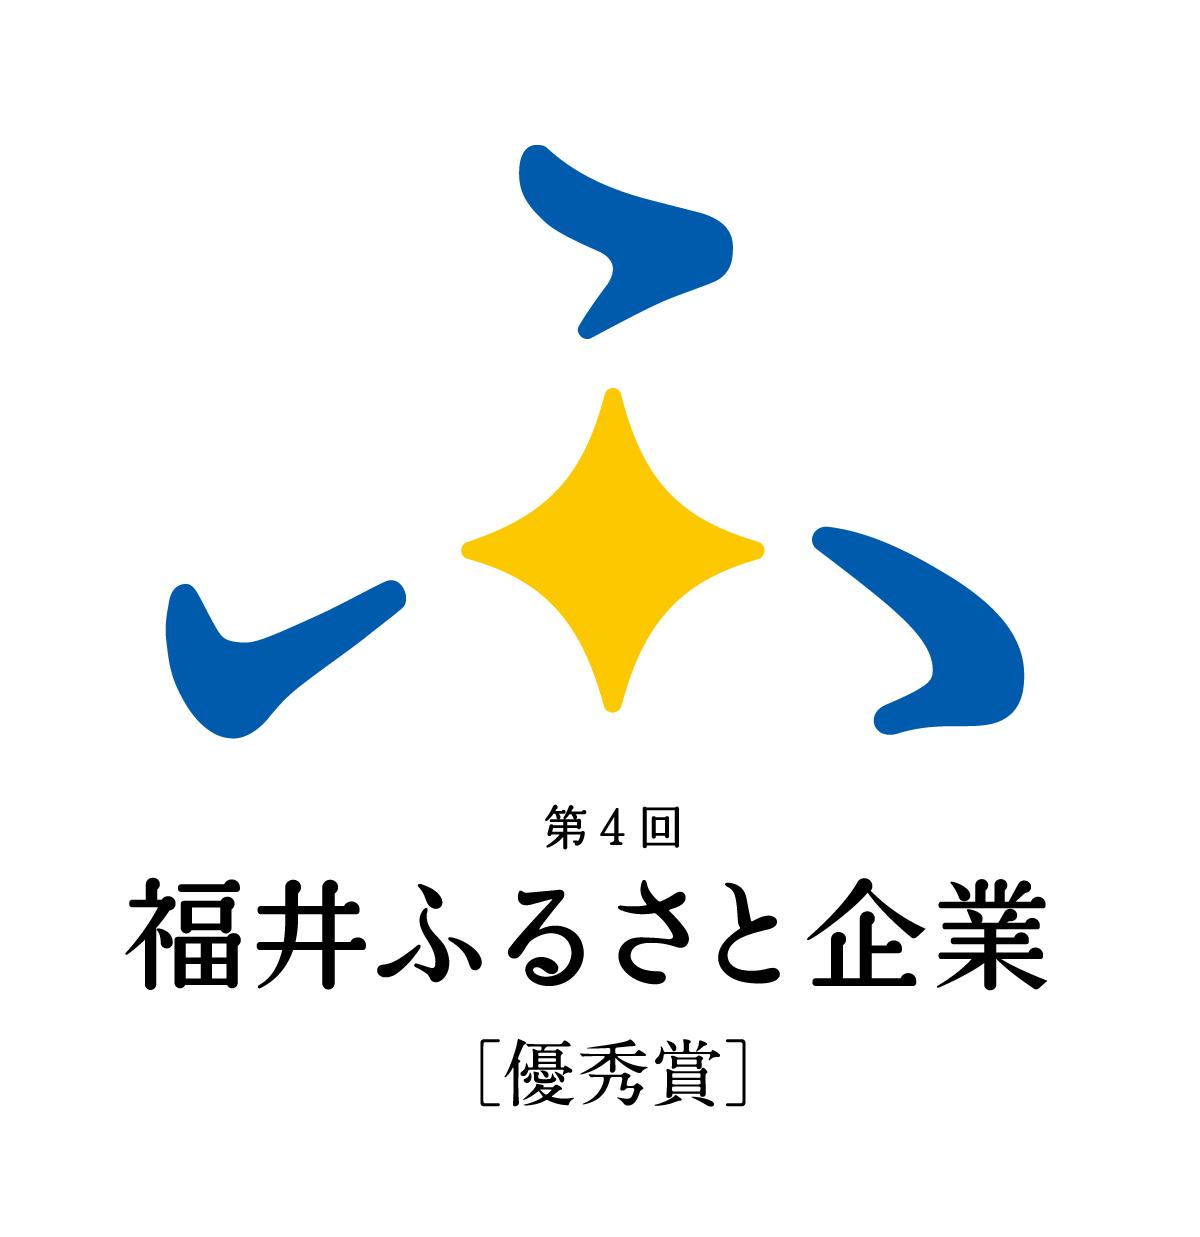 優秀賞_第4回_福井ふるさと企業マーク